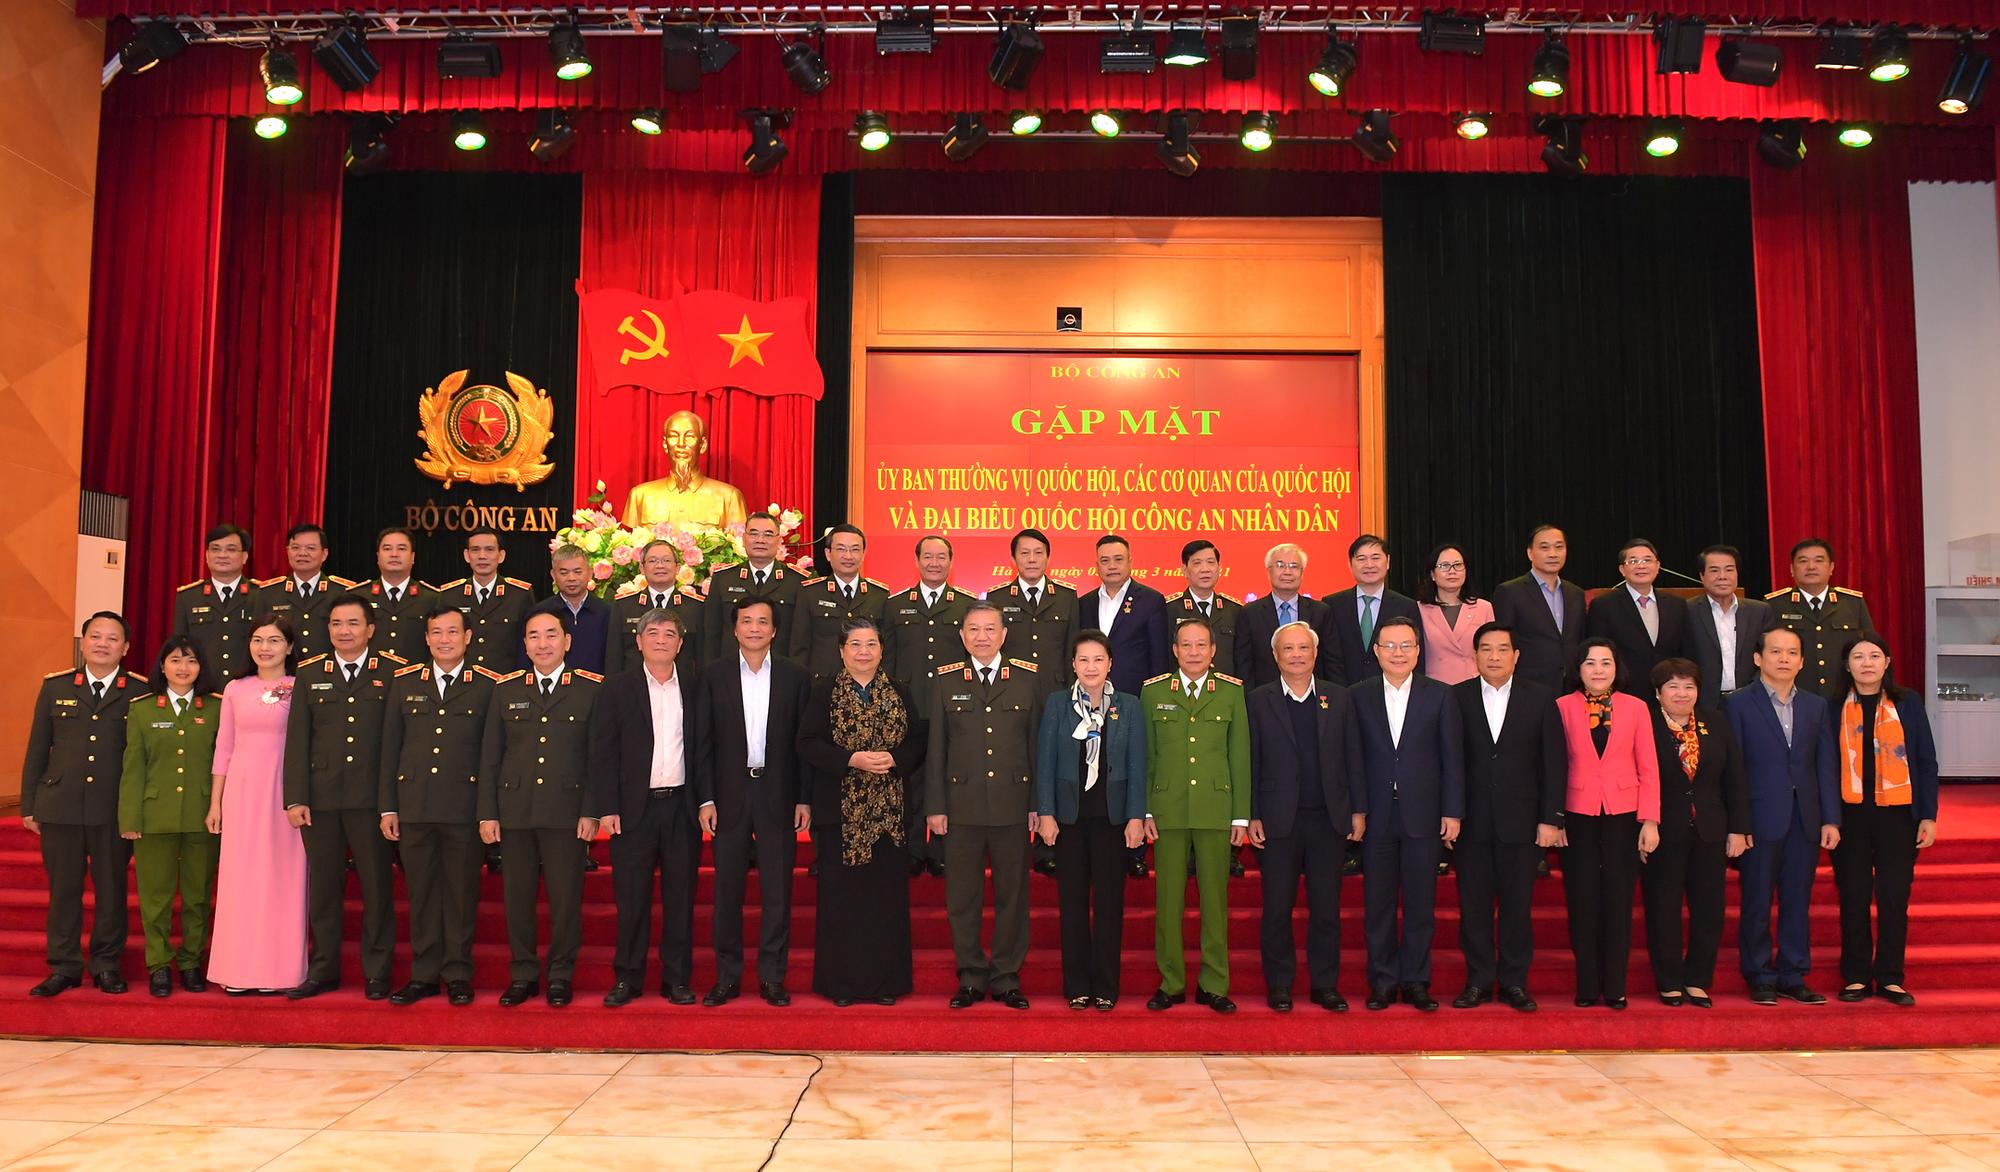 Lực lượng công an là thành tố quan trọng trong  phát triển đất nước - Ảnh 1.